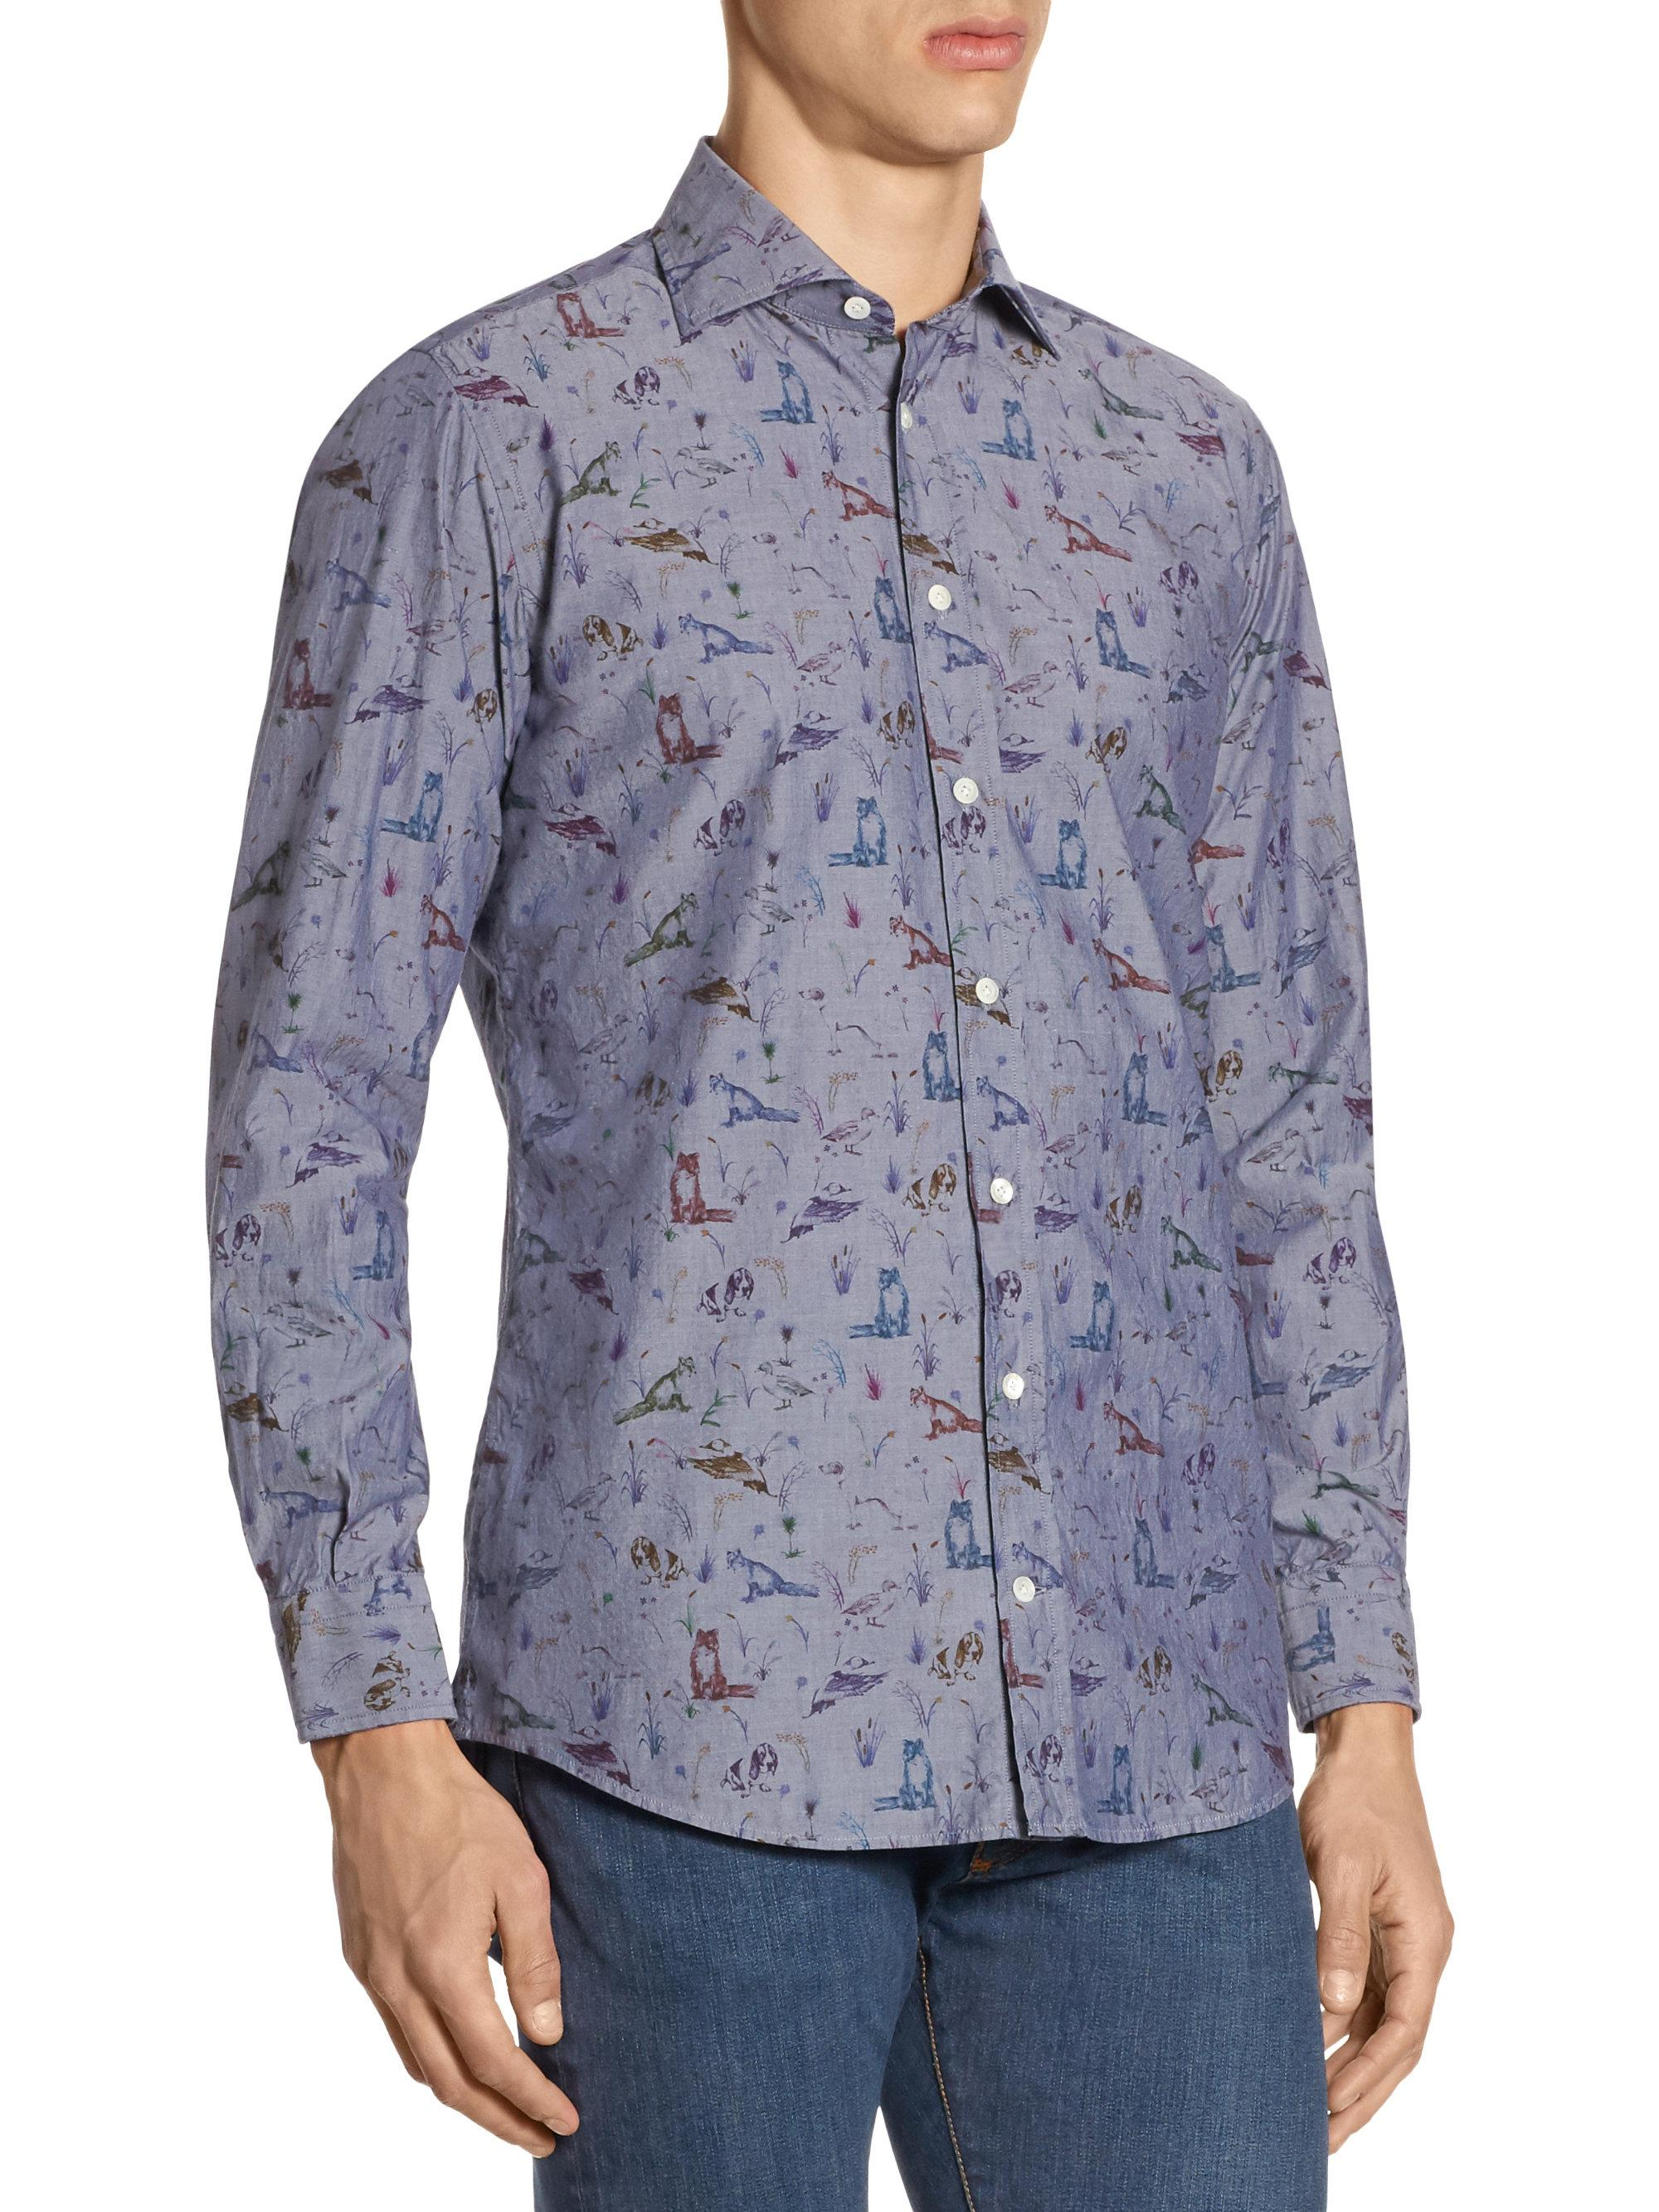 091ae6727b4d Animal Print Button Down Shirt - BCD Tofu House